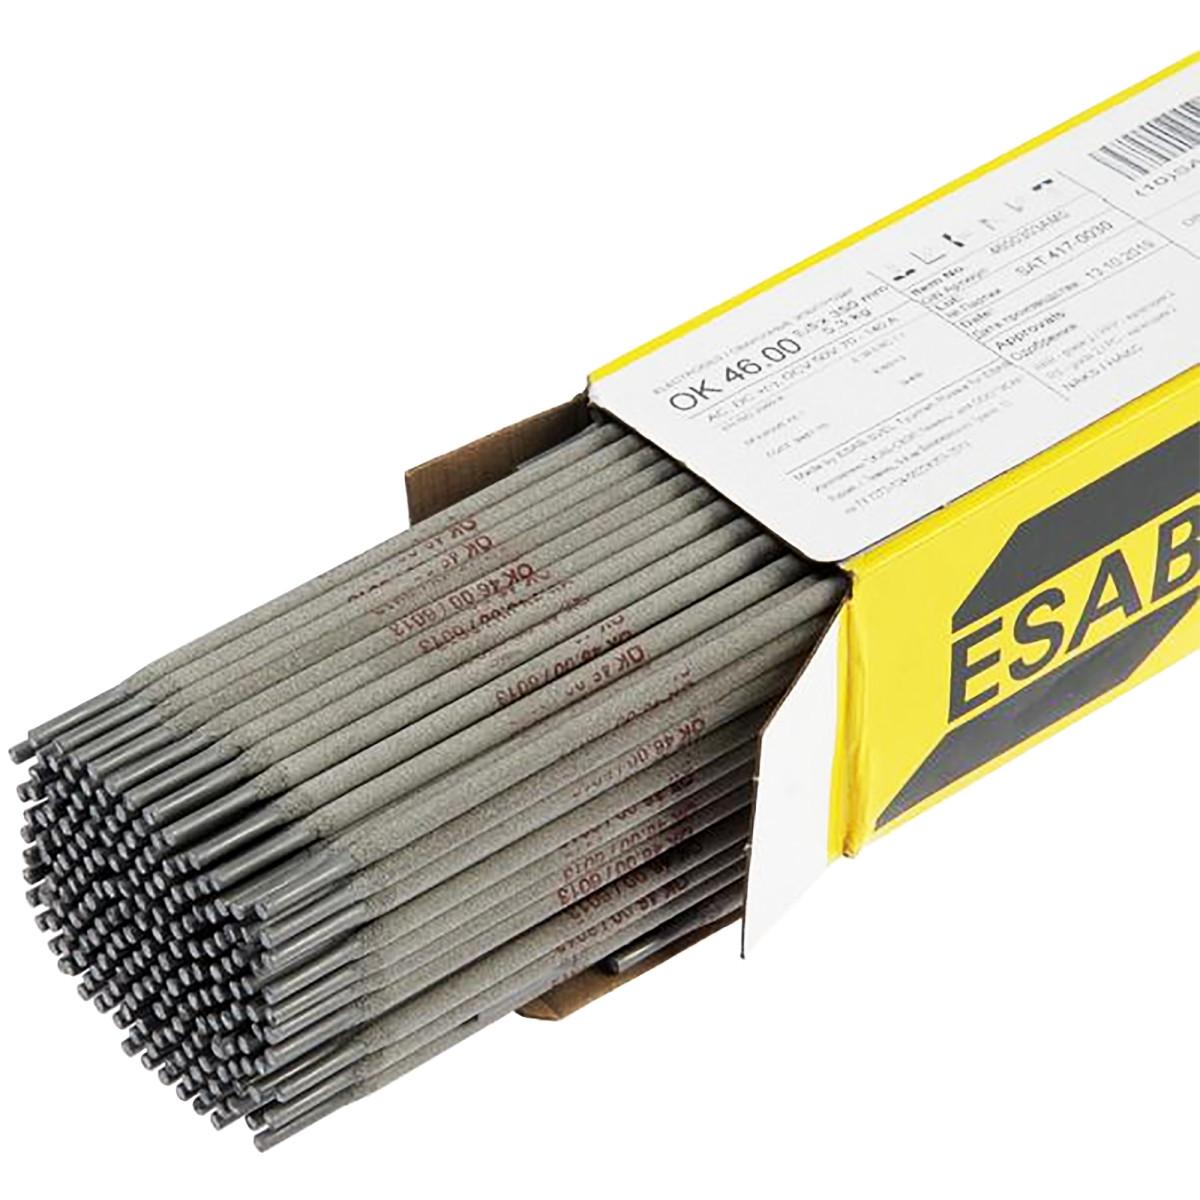 Электроды Esab Оk 46 2.5х350 мм 5.3 кг